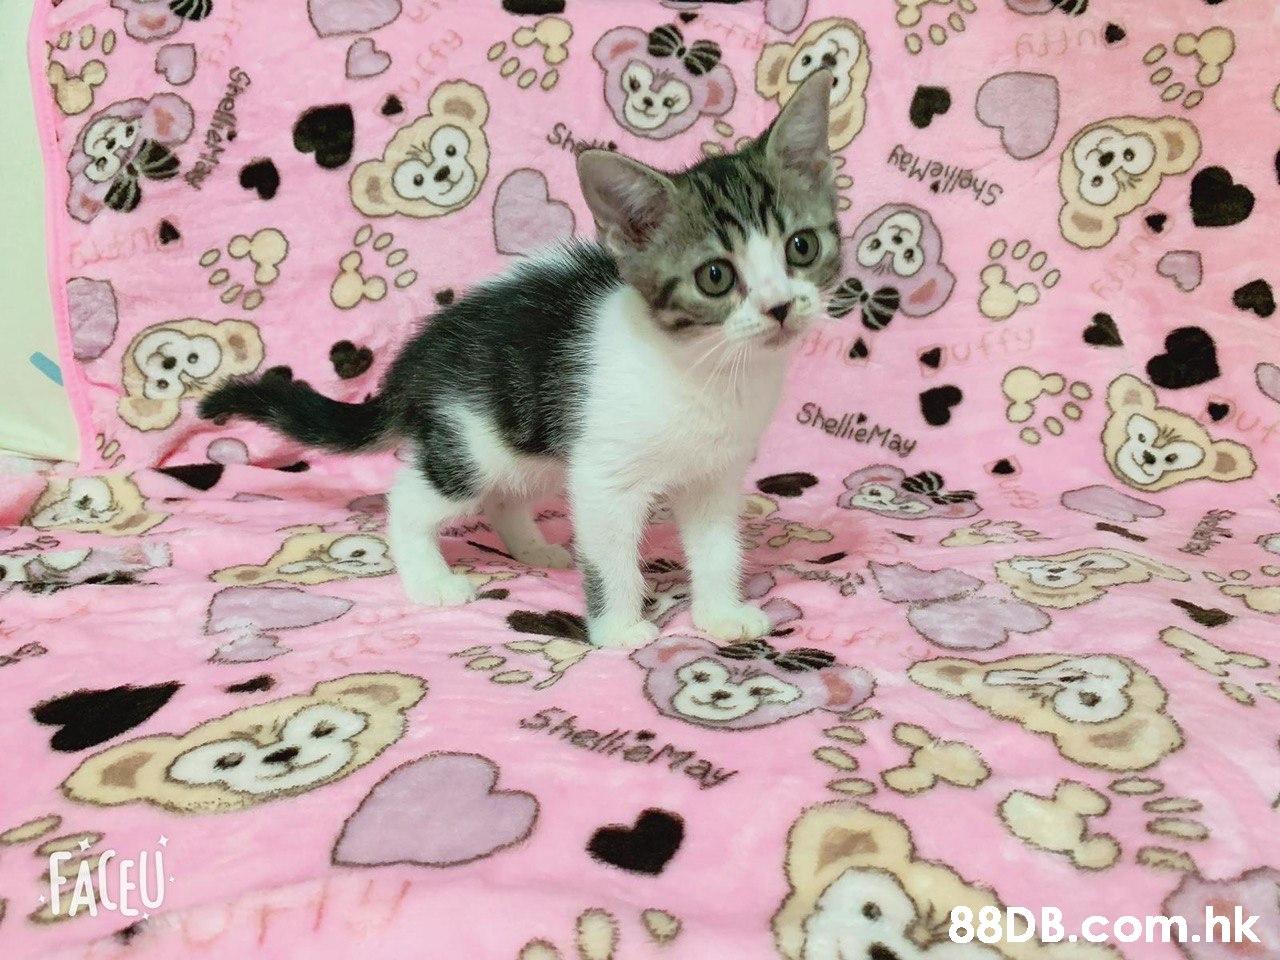 FACEU .hk  Cat,Mammal,Small to medium-sized cats,Felidae,Kitten